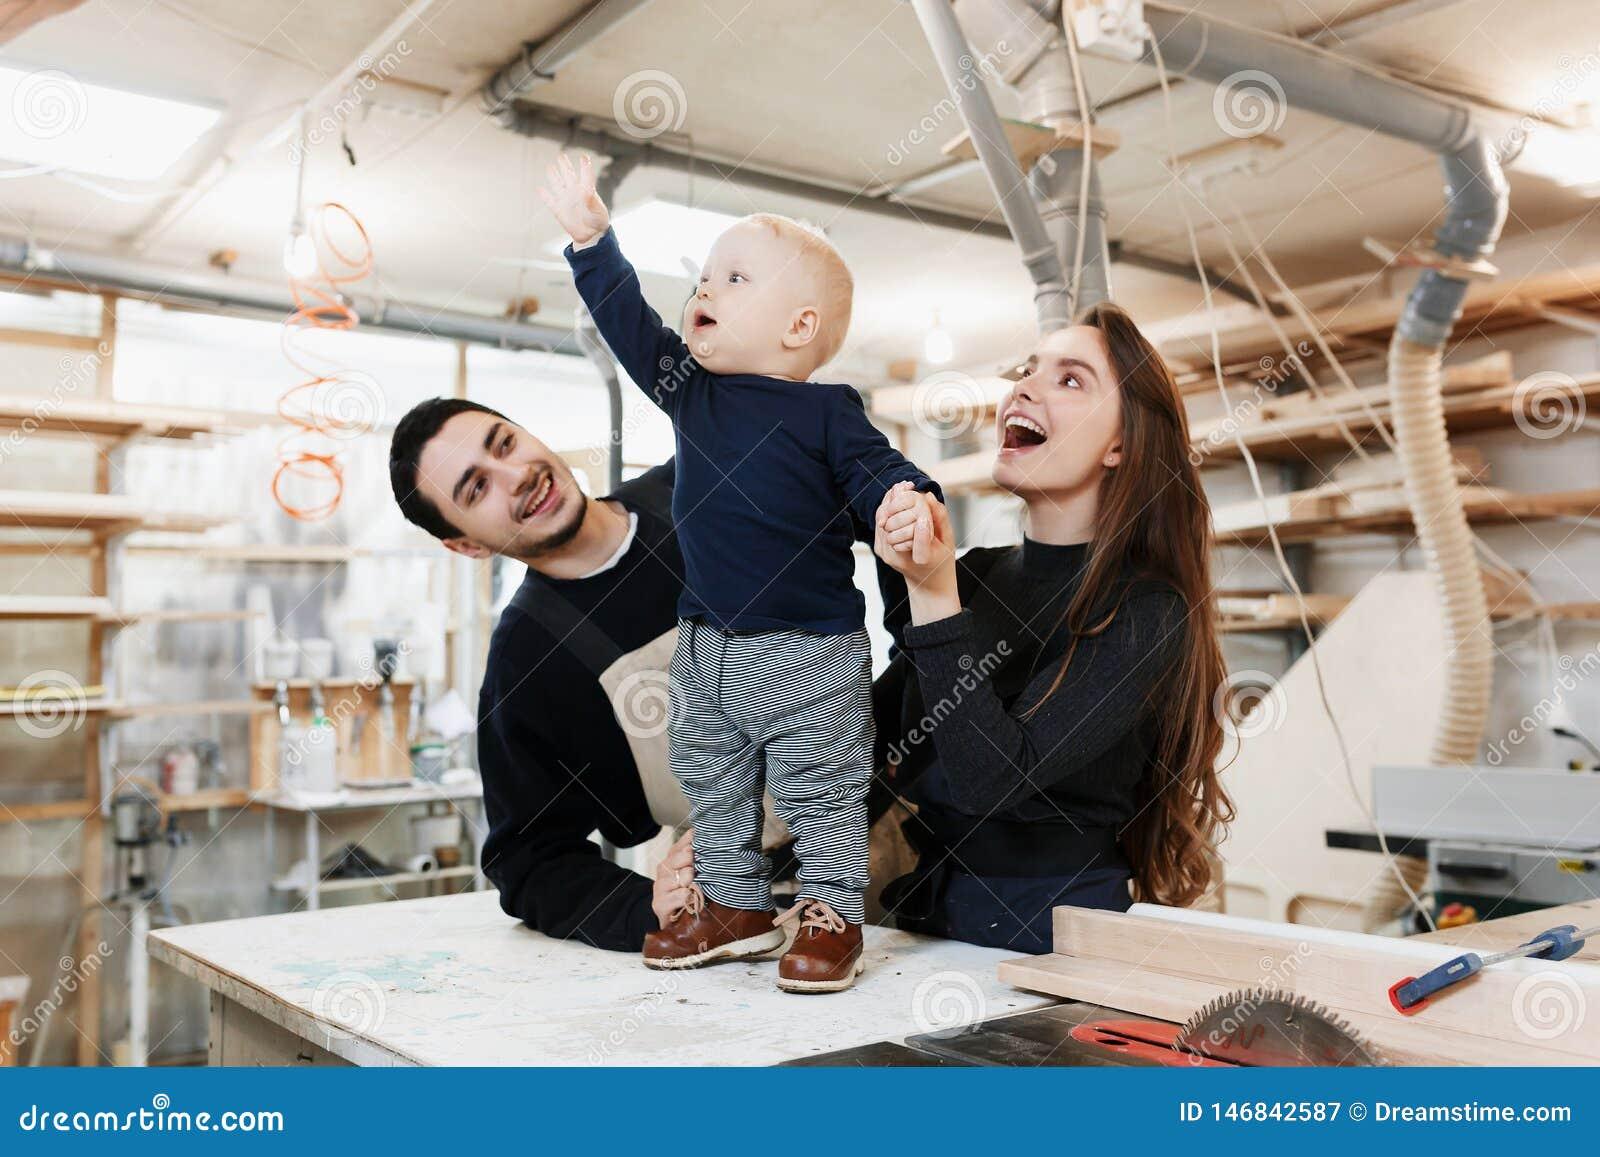 Ευτυχής νέα οικογένεια με το μικρό γιο στο εργαστήριο ξυλουργών